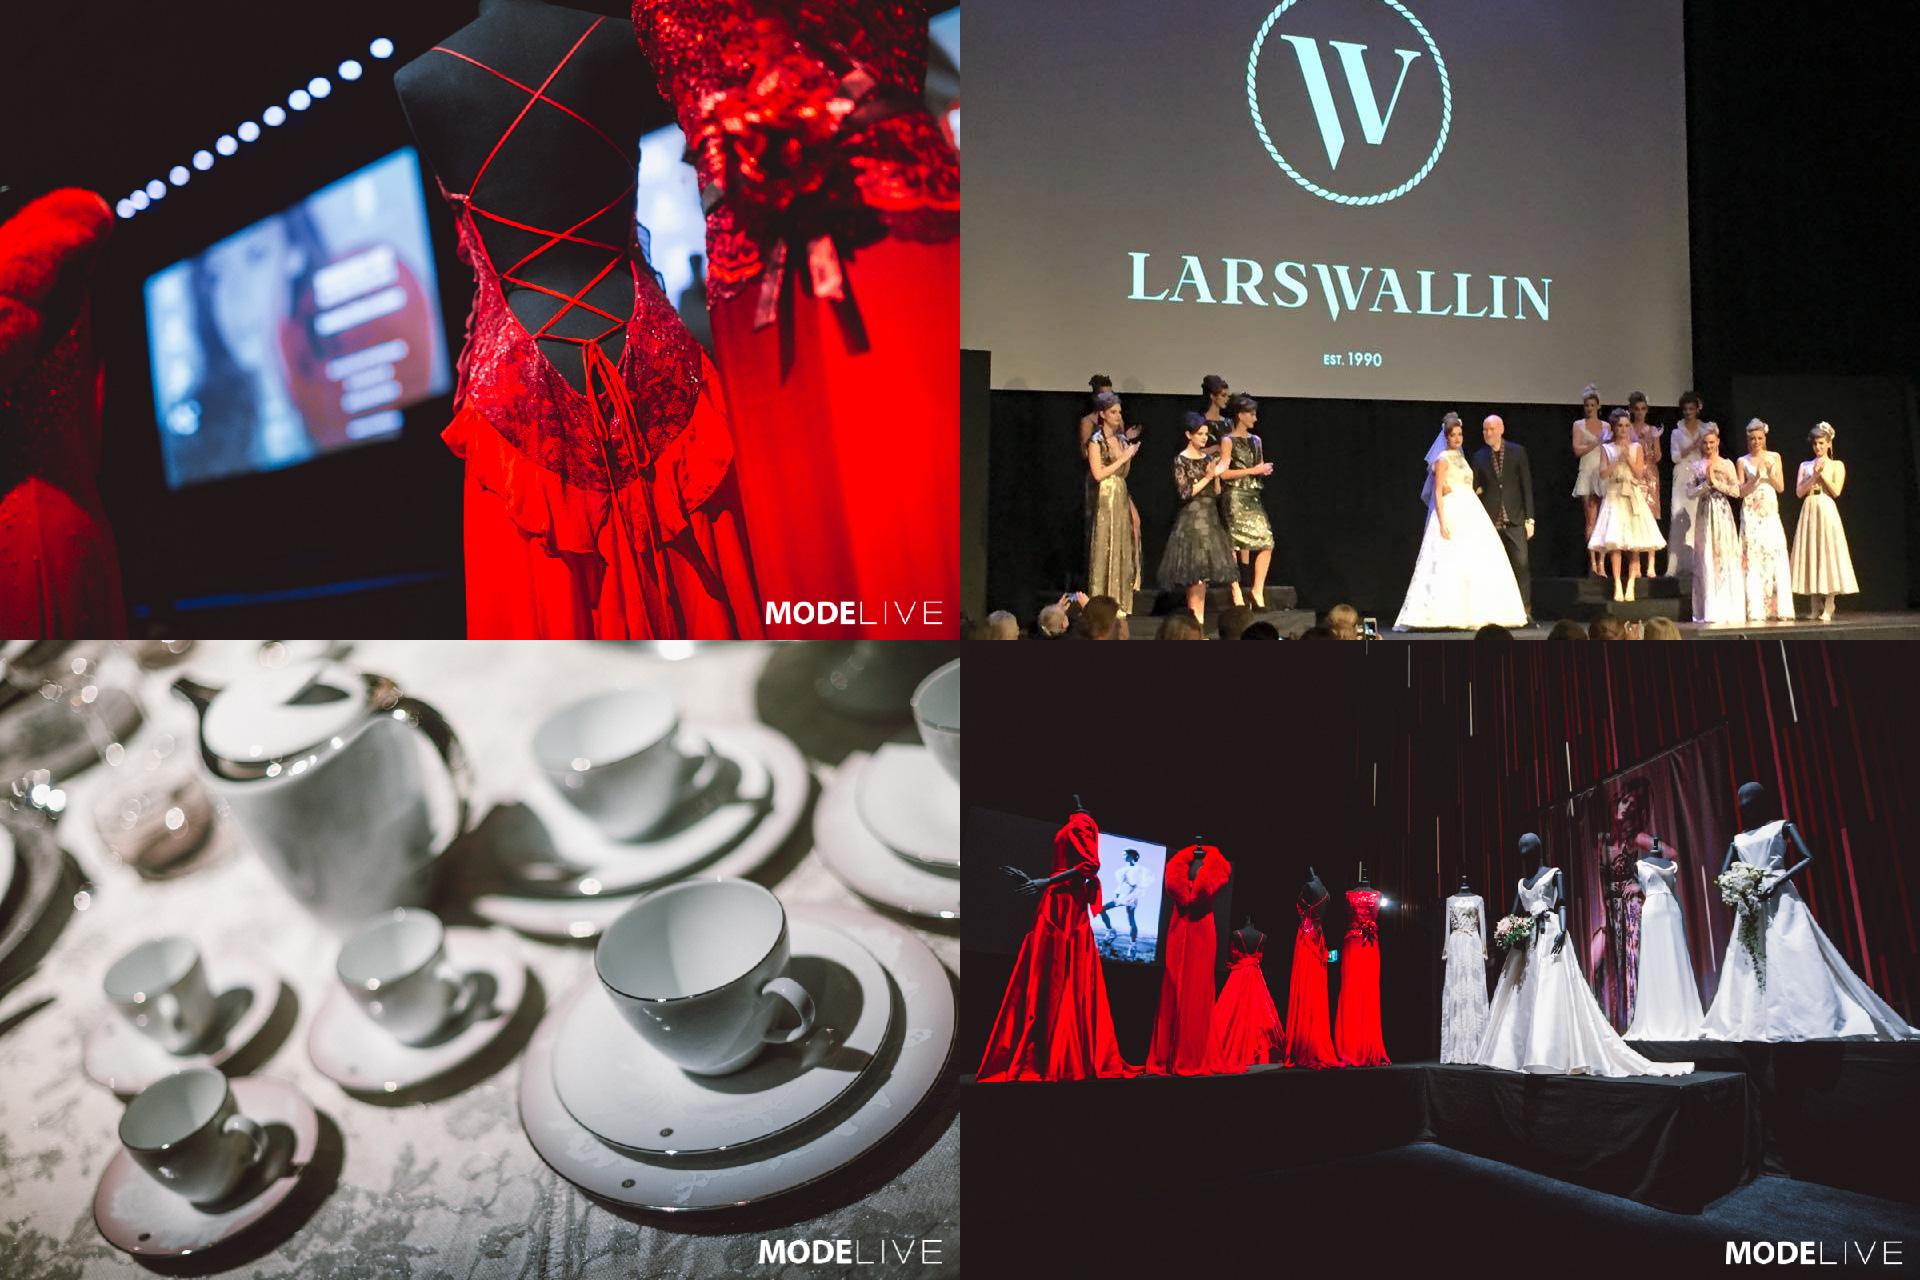 #LARSWALLIN, Branding, Activities, Shows, Display, Expo, Events